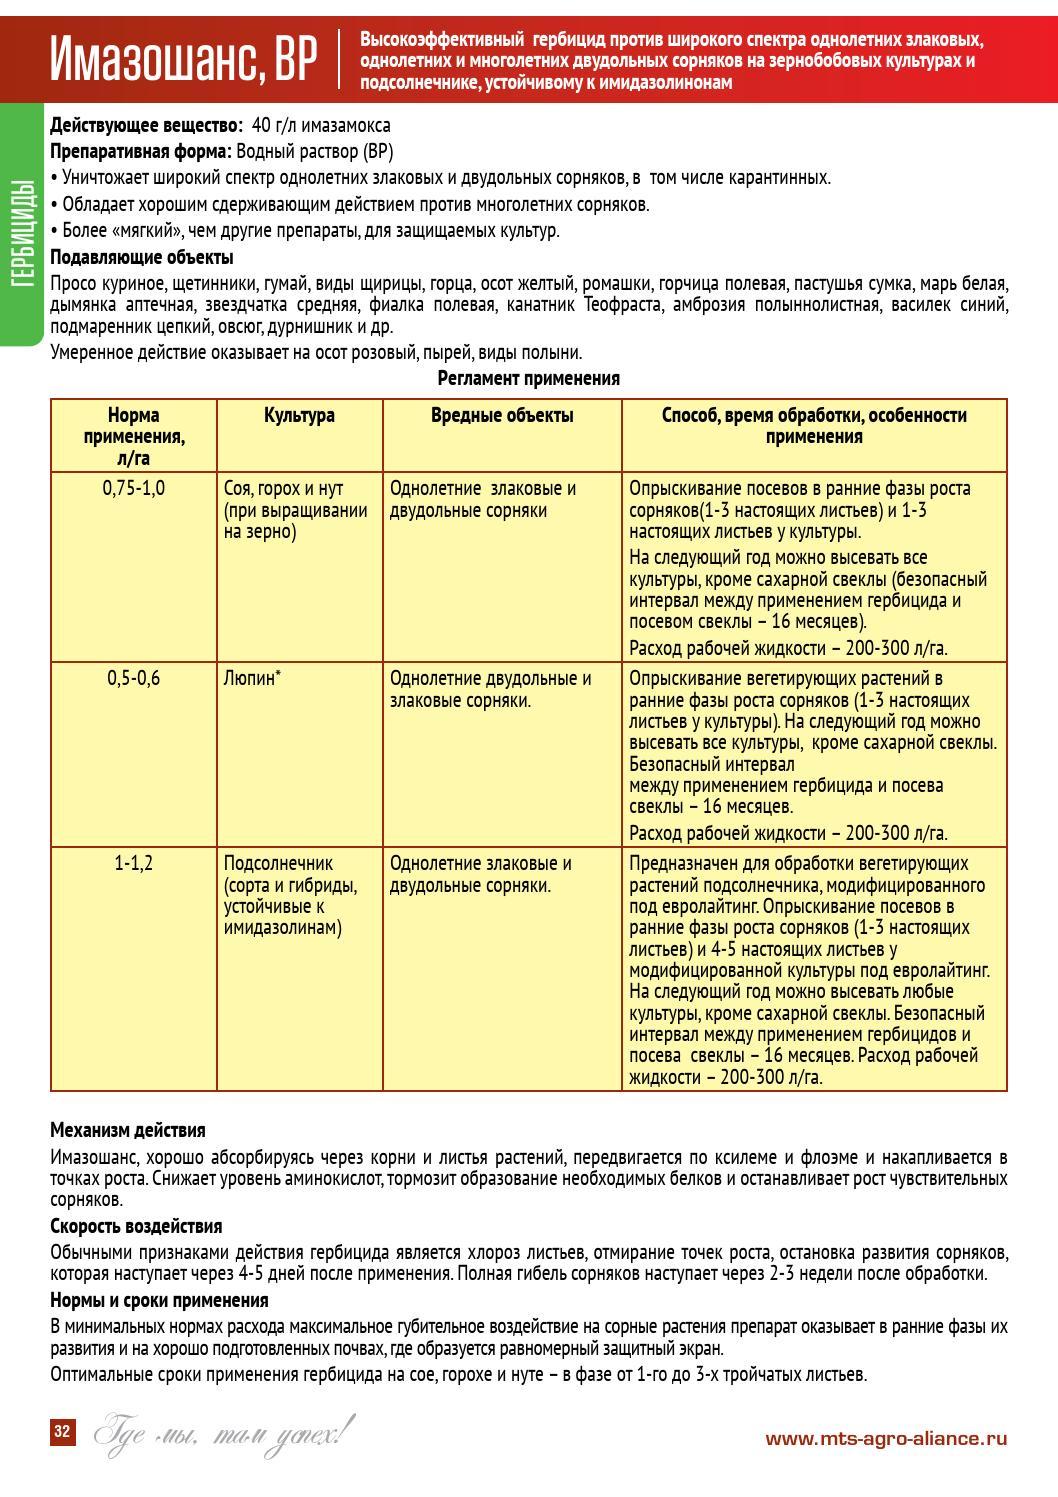 Применение гербицидов при выращивании свеклы